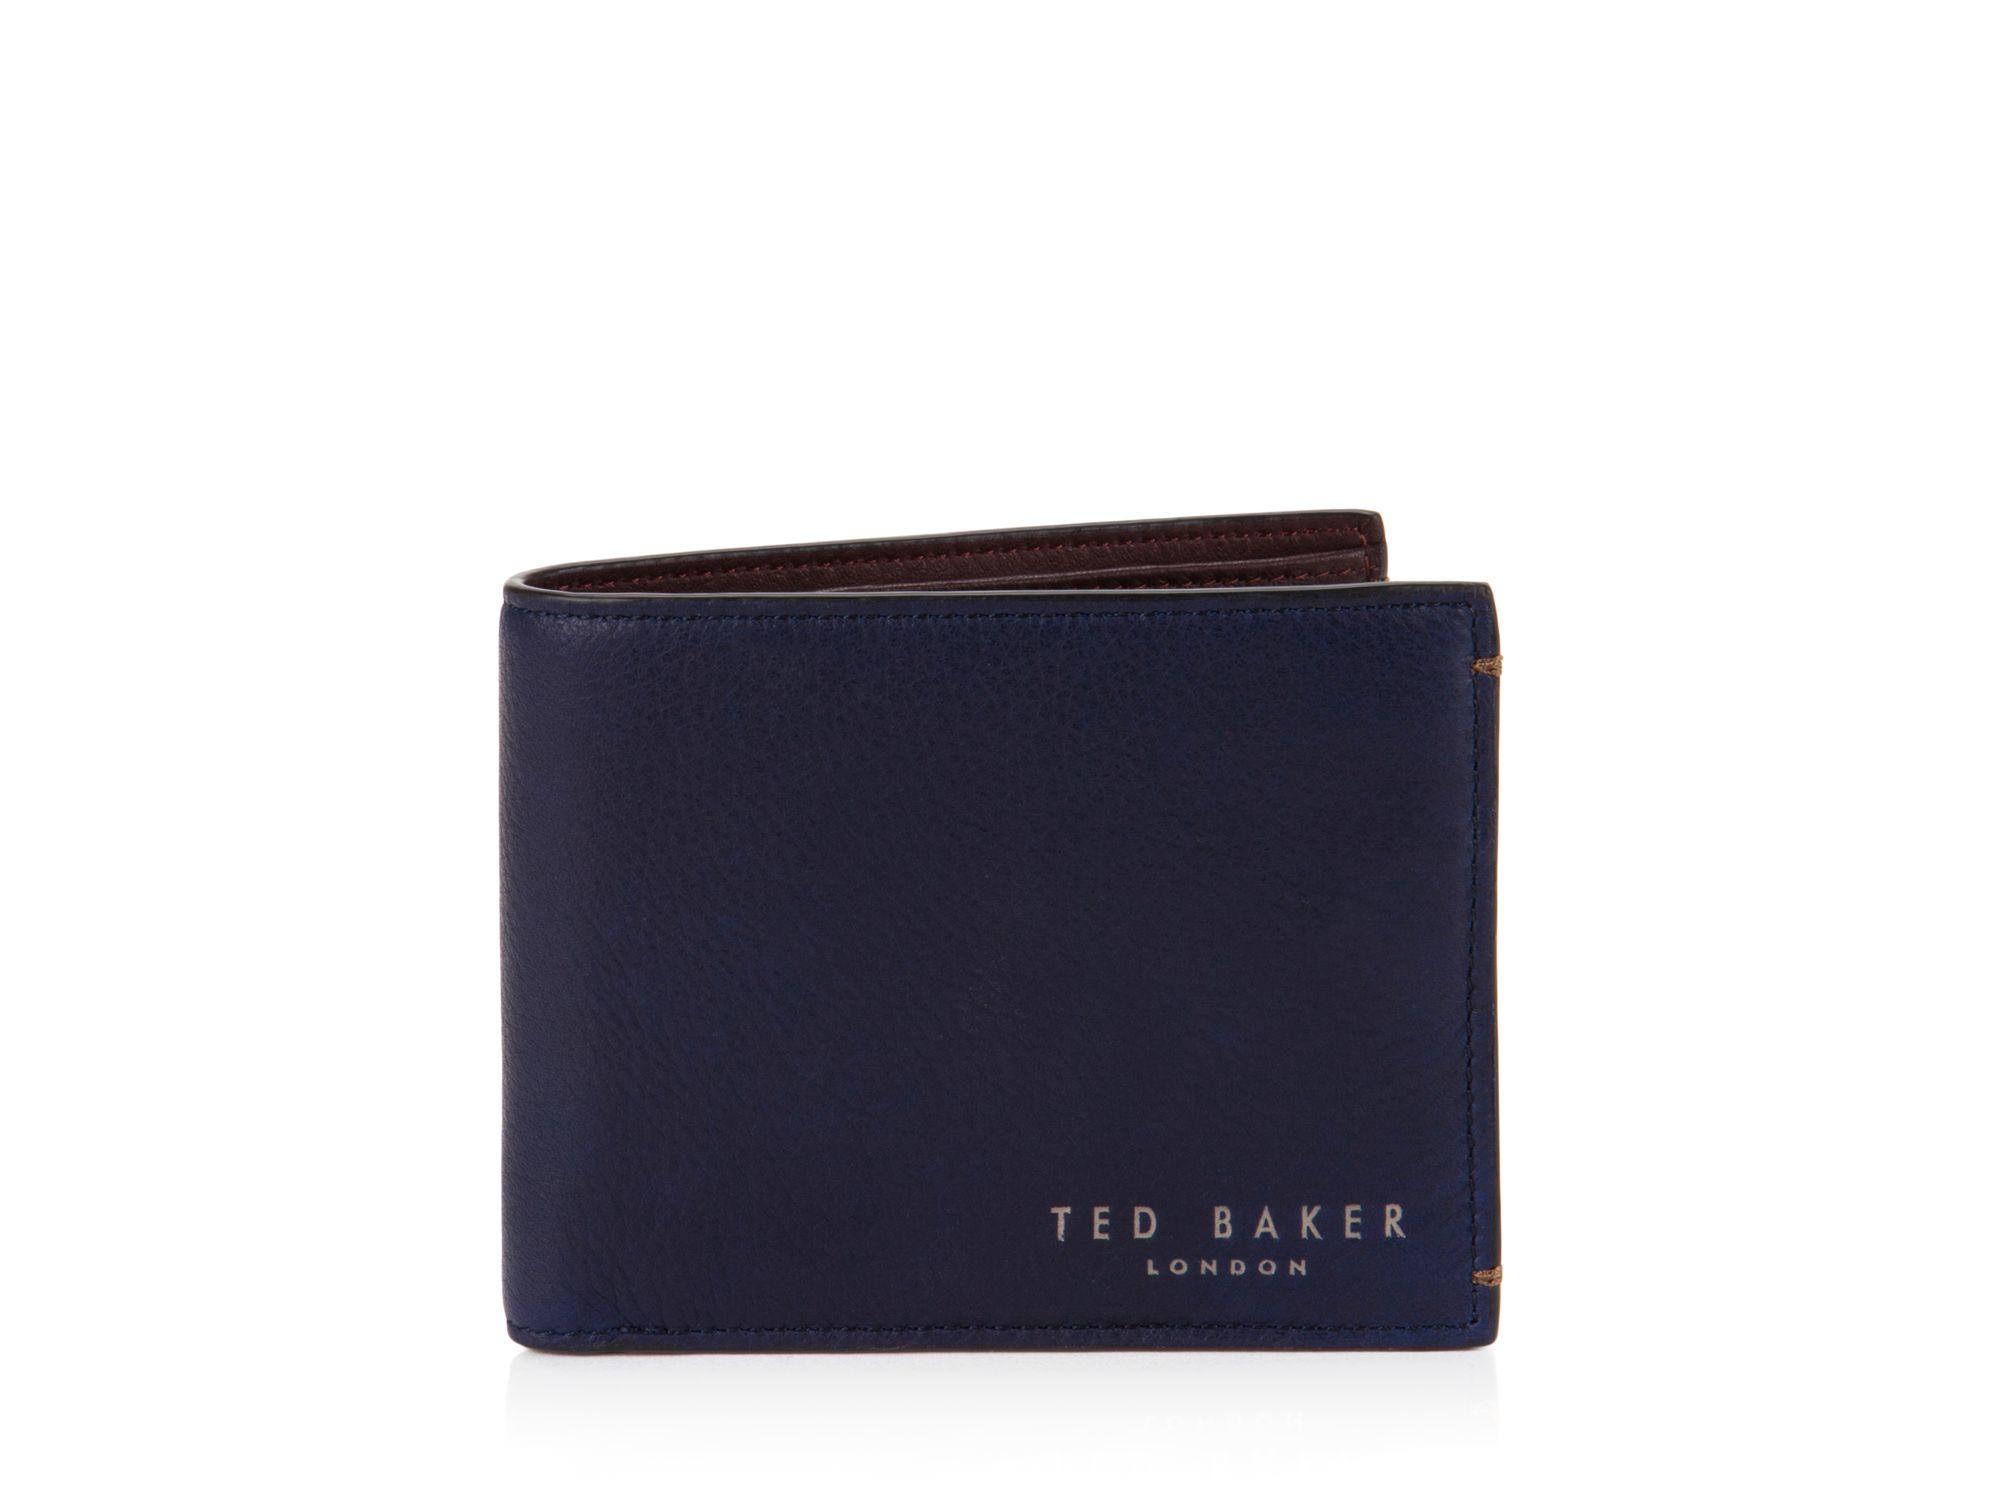 0719d9f59490d Ted Baker Wallet Men Best Photo Justiceforkenny. Bi Fold Leather Wallet